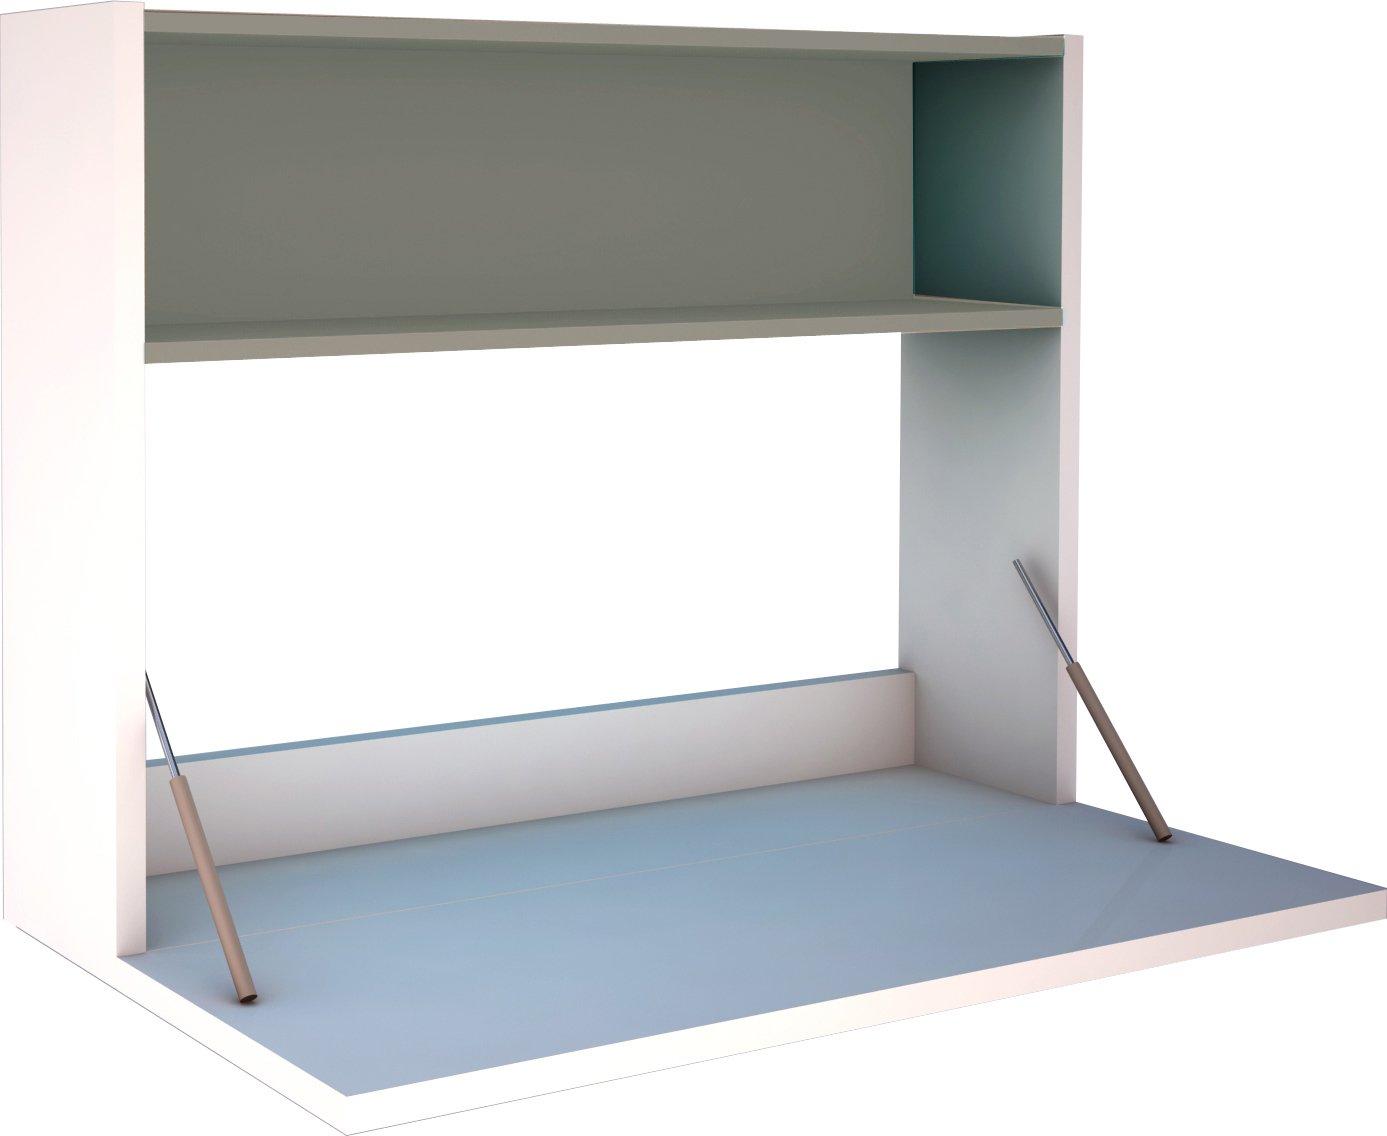 Trasman 6765 Contemporary Childrens Desks